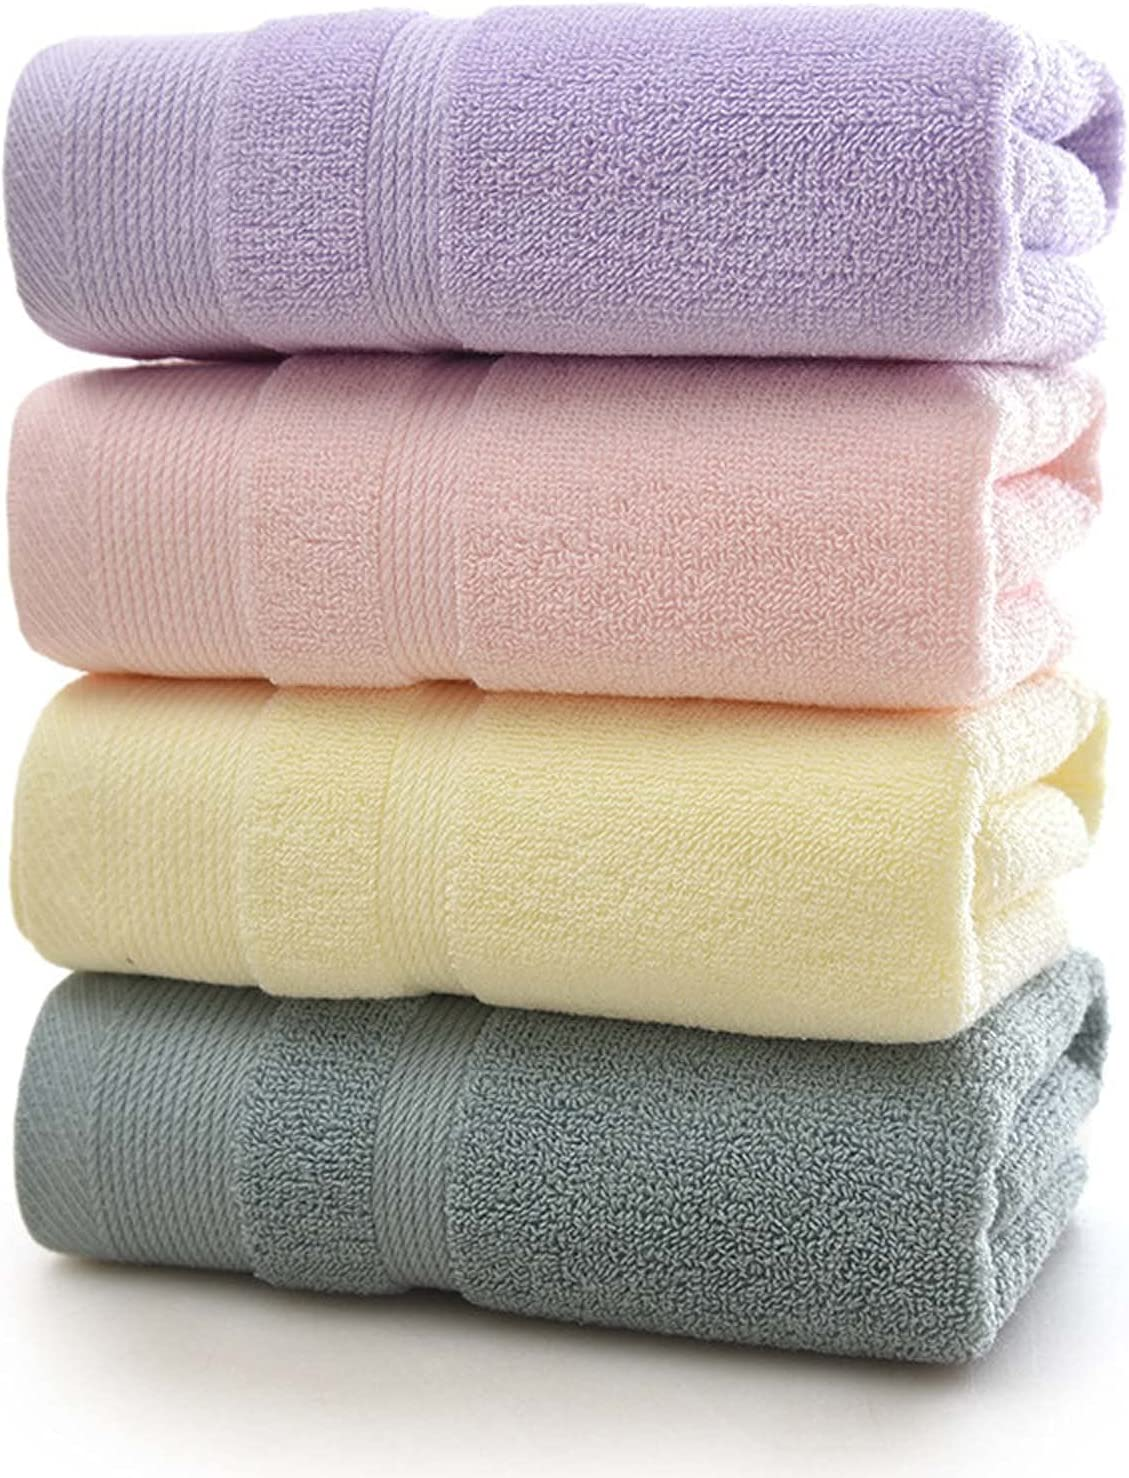 Khasha Bath Towels Cotton Sales results No. 2021 model 1 Beach Fa x 14